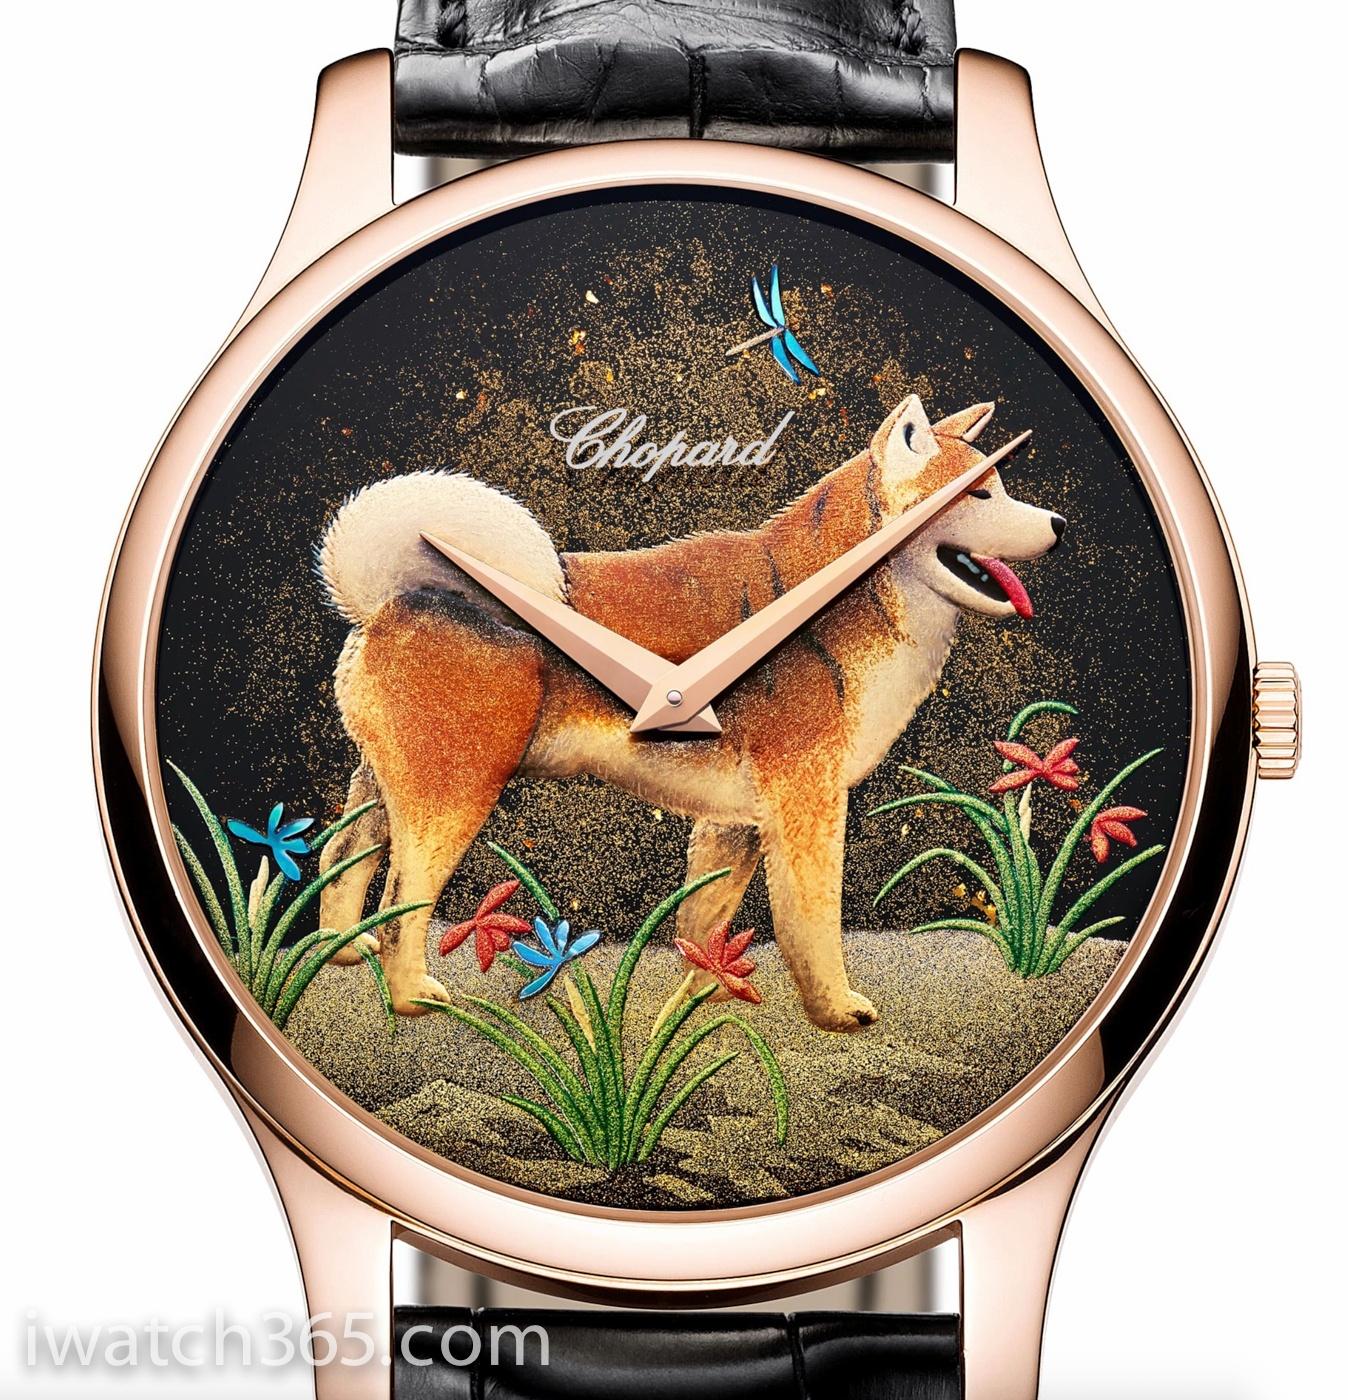 中国戊戌狗年】萧邦Chopard推出2018农历狗年L.U.C XP莳绘限量腕表